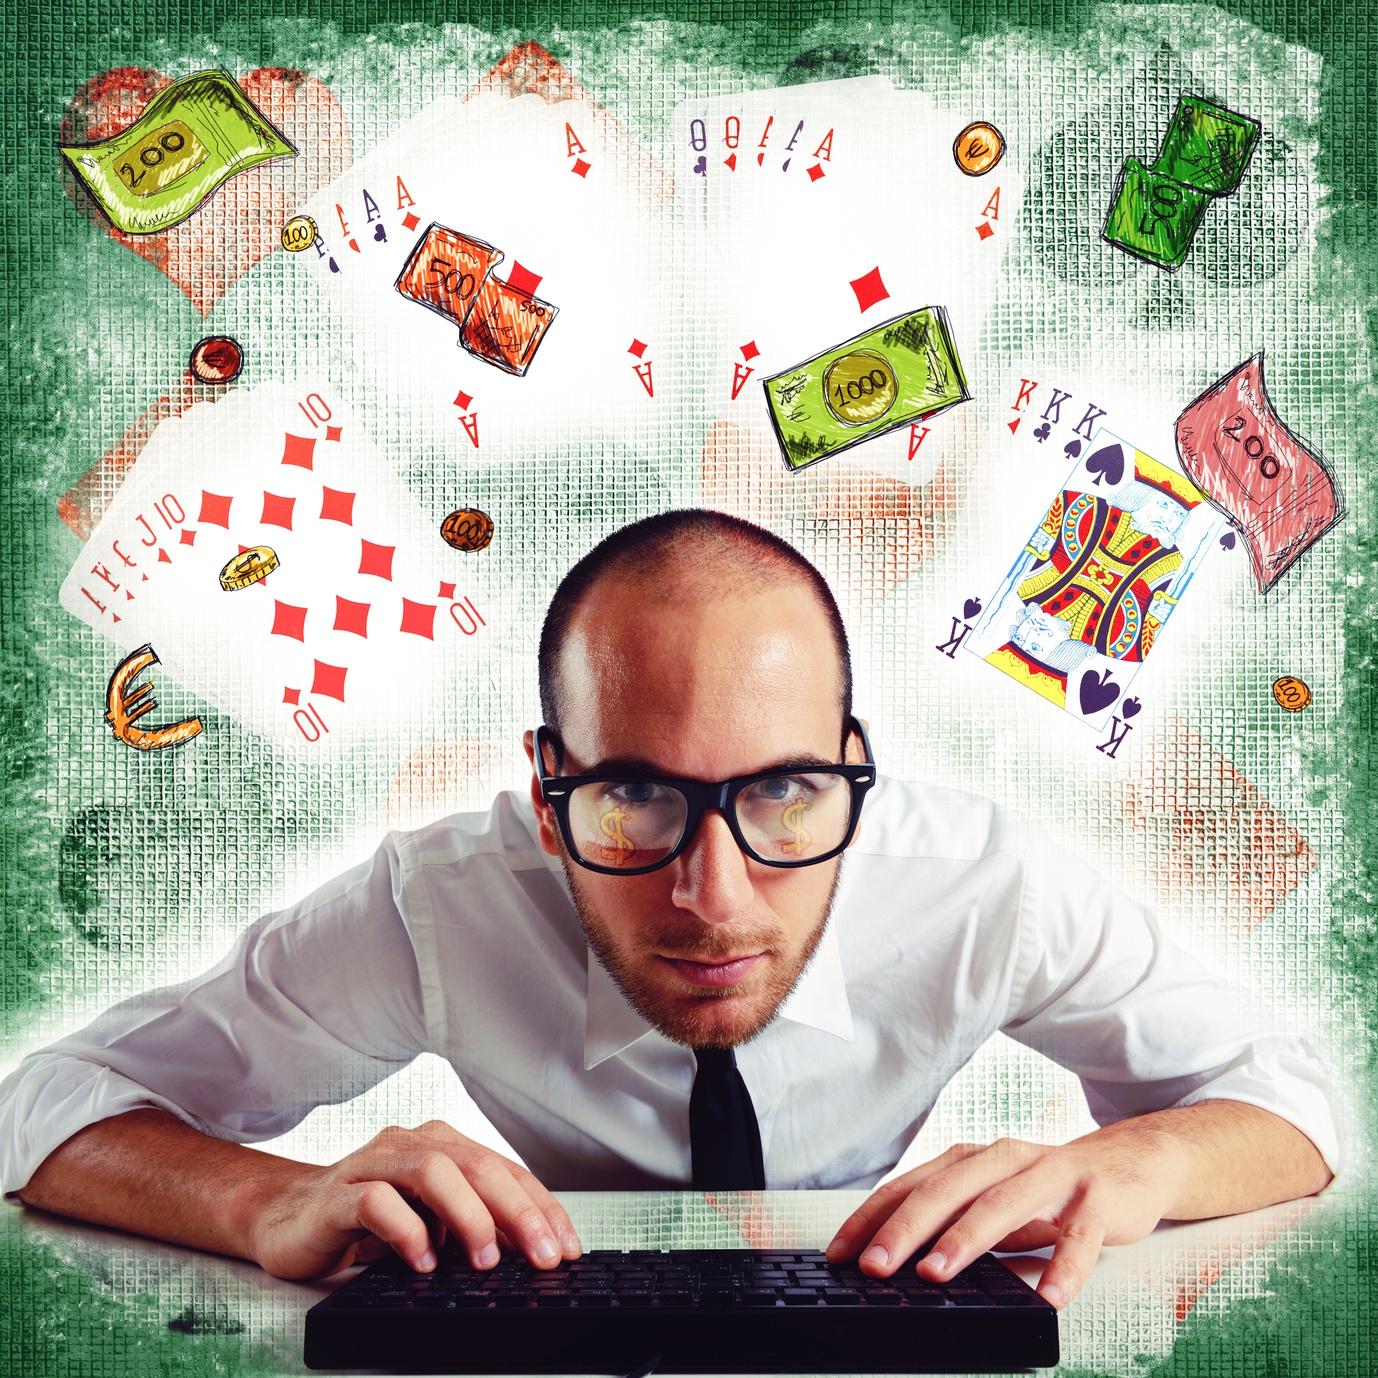 Glücksspiel: Eine Sucht, die ruiniert!